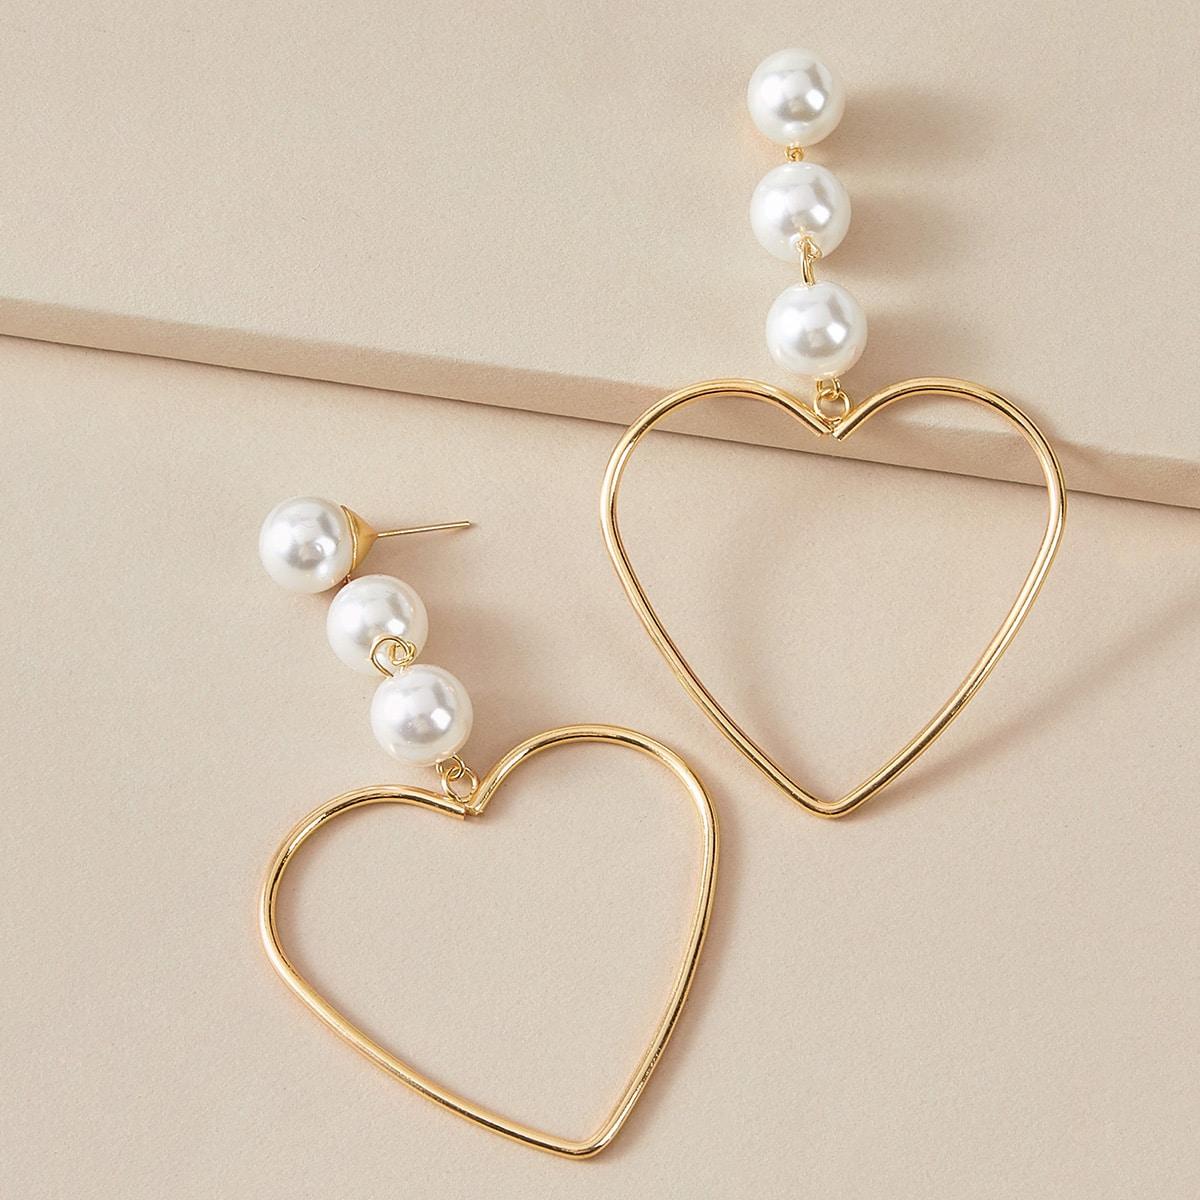 1 Paar Herz förmige Tropfenohrringe mit Perlen Dekor